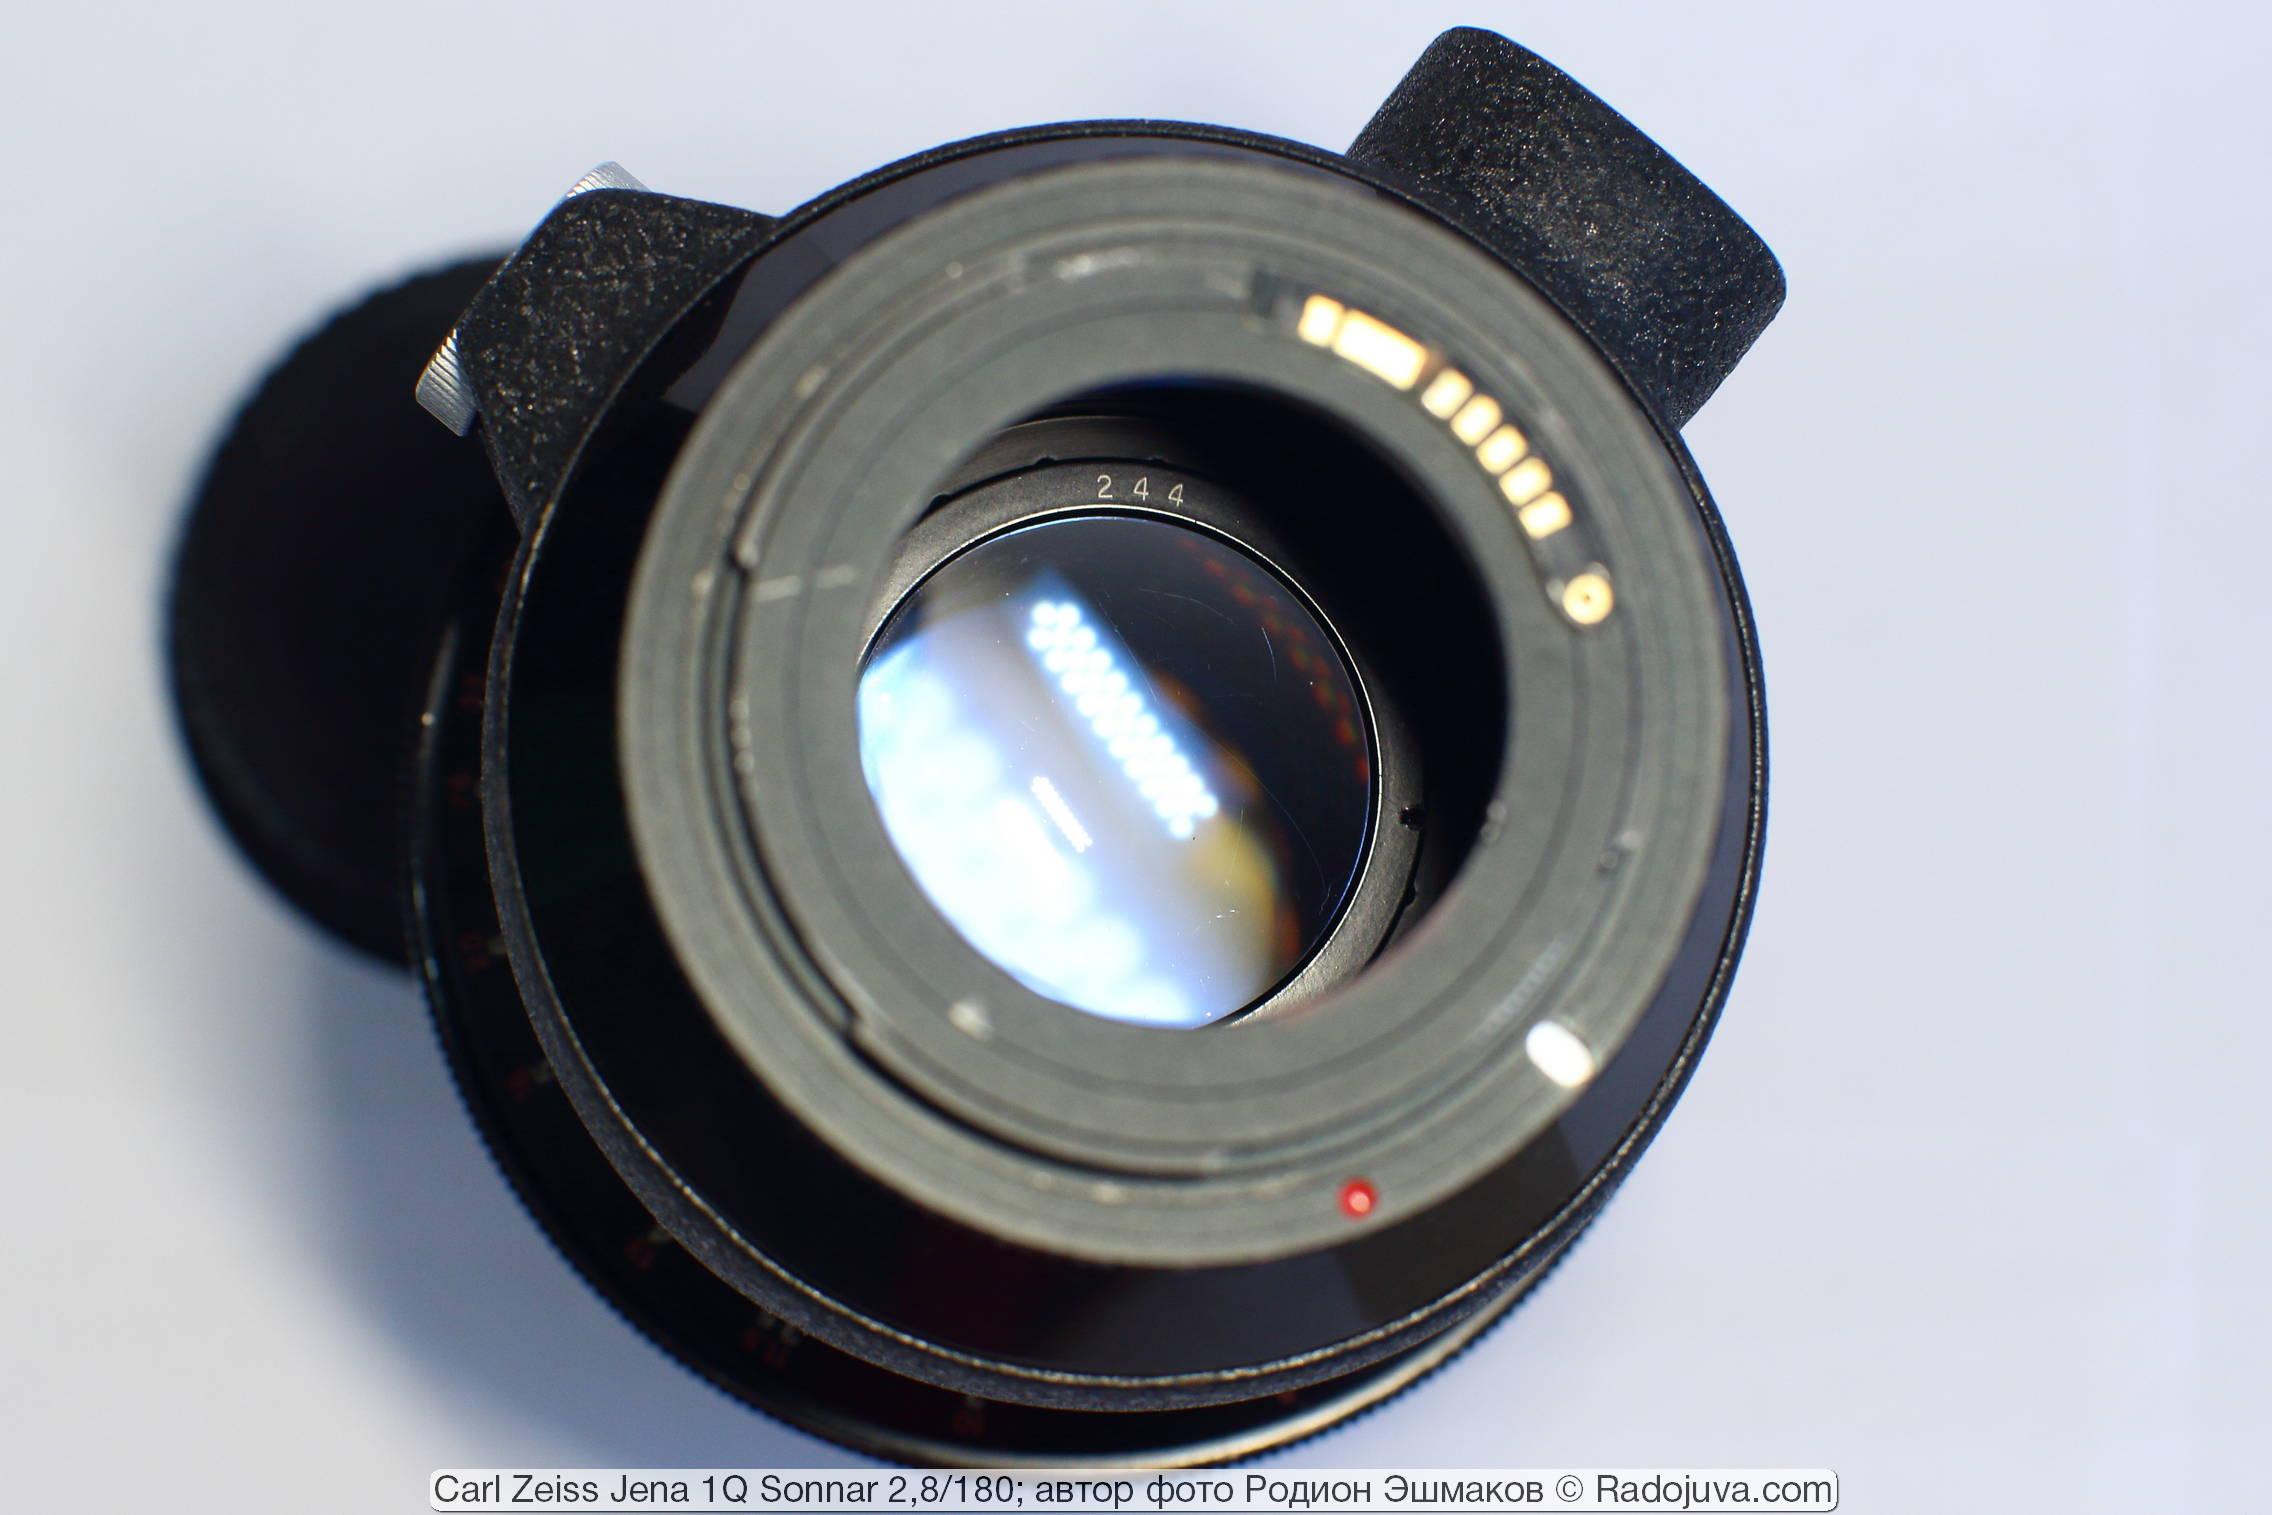 Вид задней линзы объектива с накрученным кольцом М42-EOS. Задняя линза имеет свой номер.